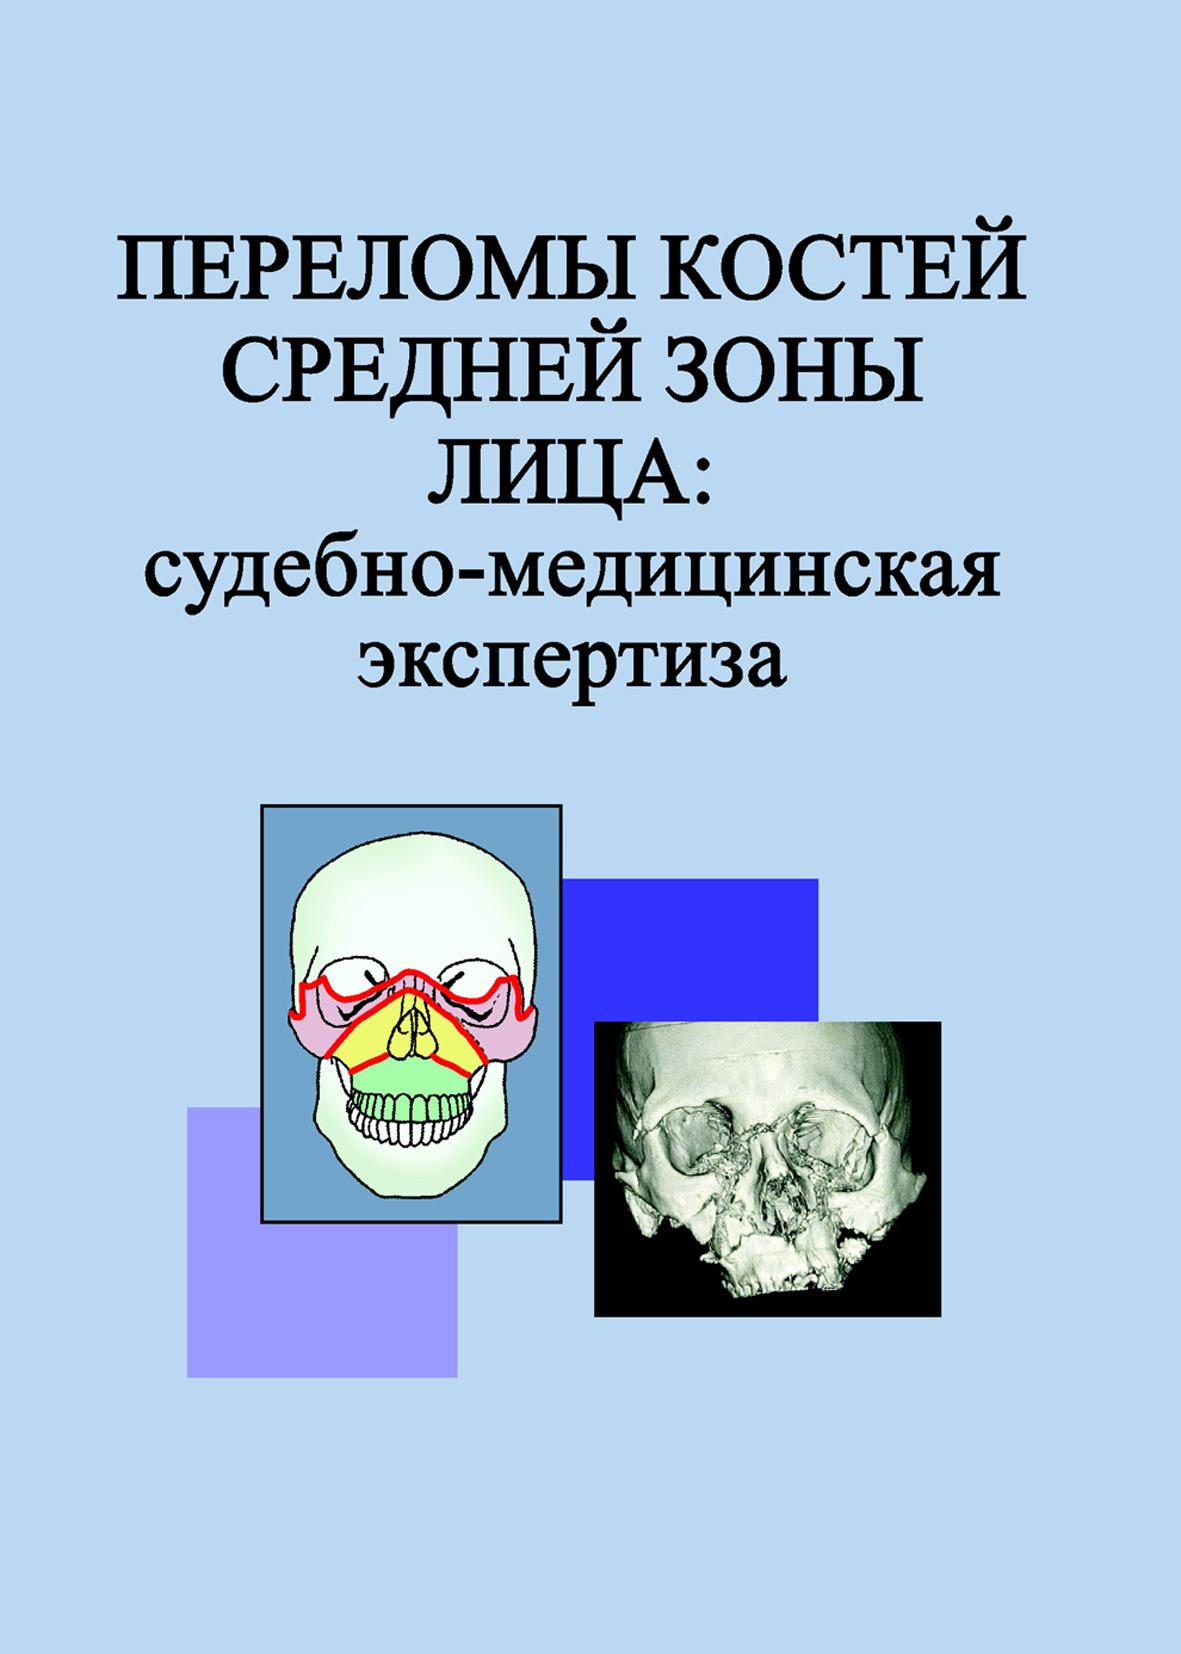 Л. Н. Гришенкова Переломы костей средней зоны лица: судебно-медицинская экспертиза